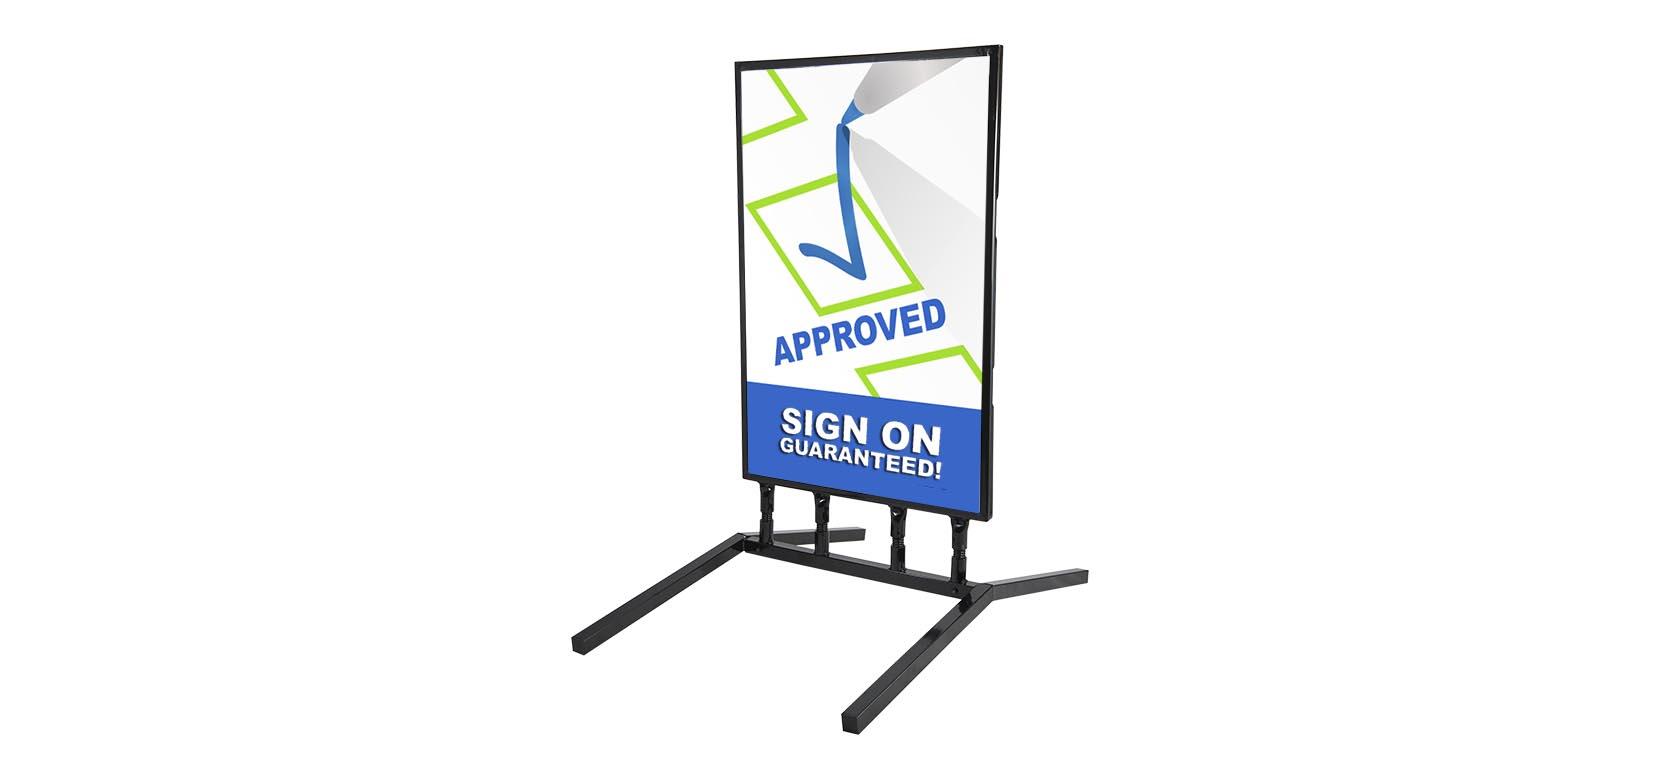 springer slide in sidewalk sign with board